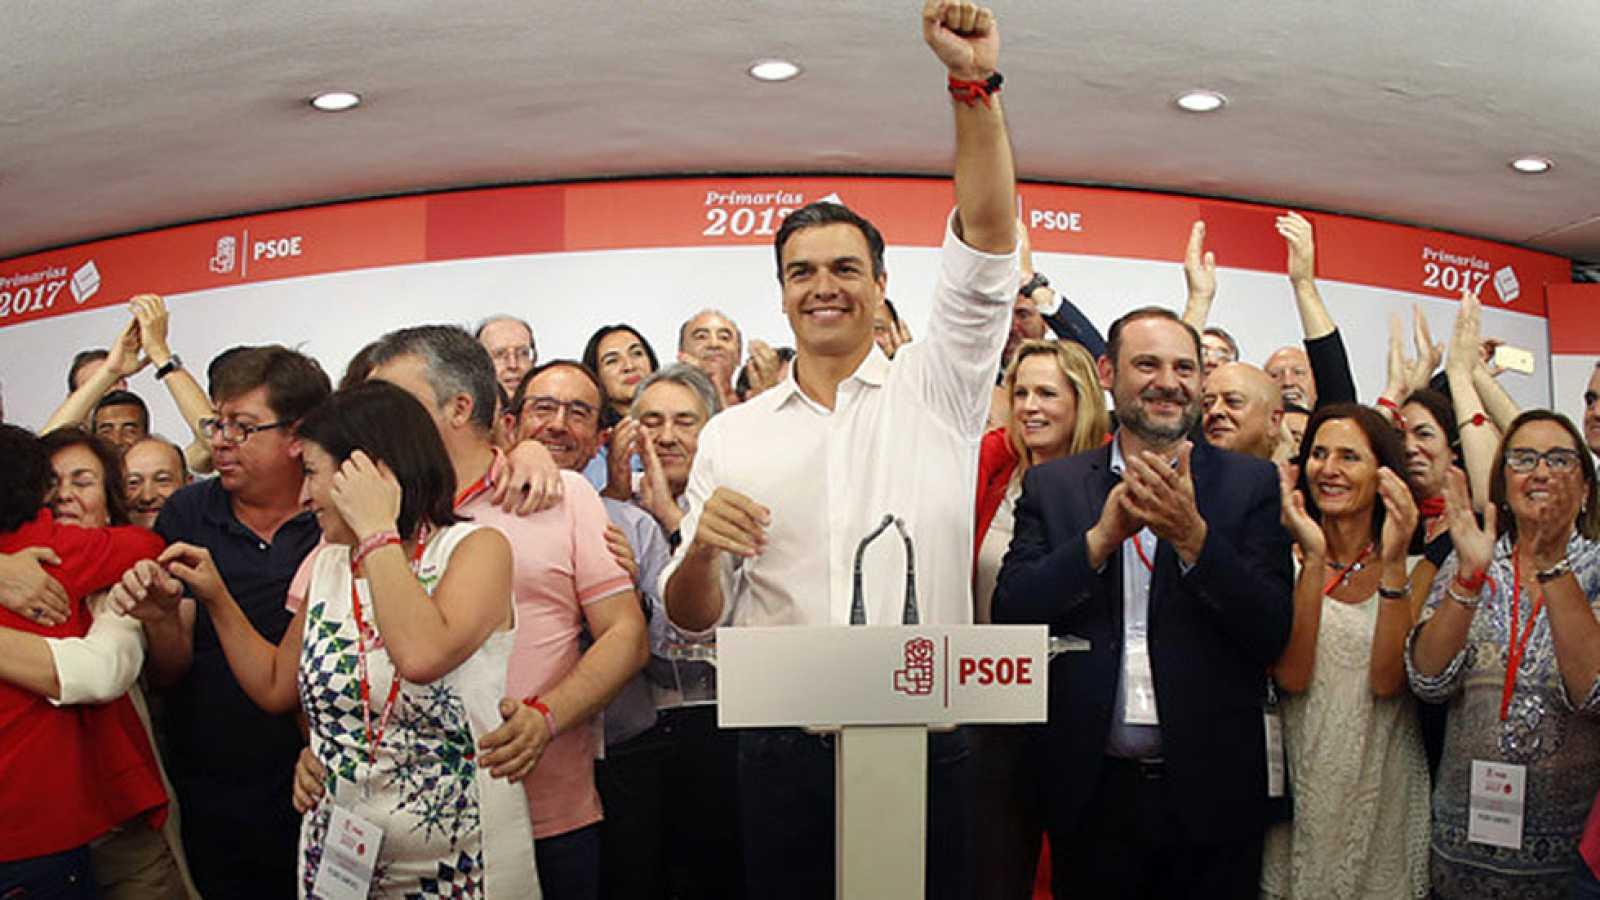 Pedro Sánchez vuelve a la secretaría general de los socialistas, ocho meses después de su dimisión